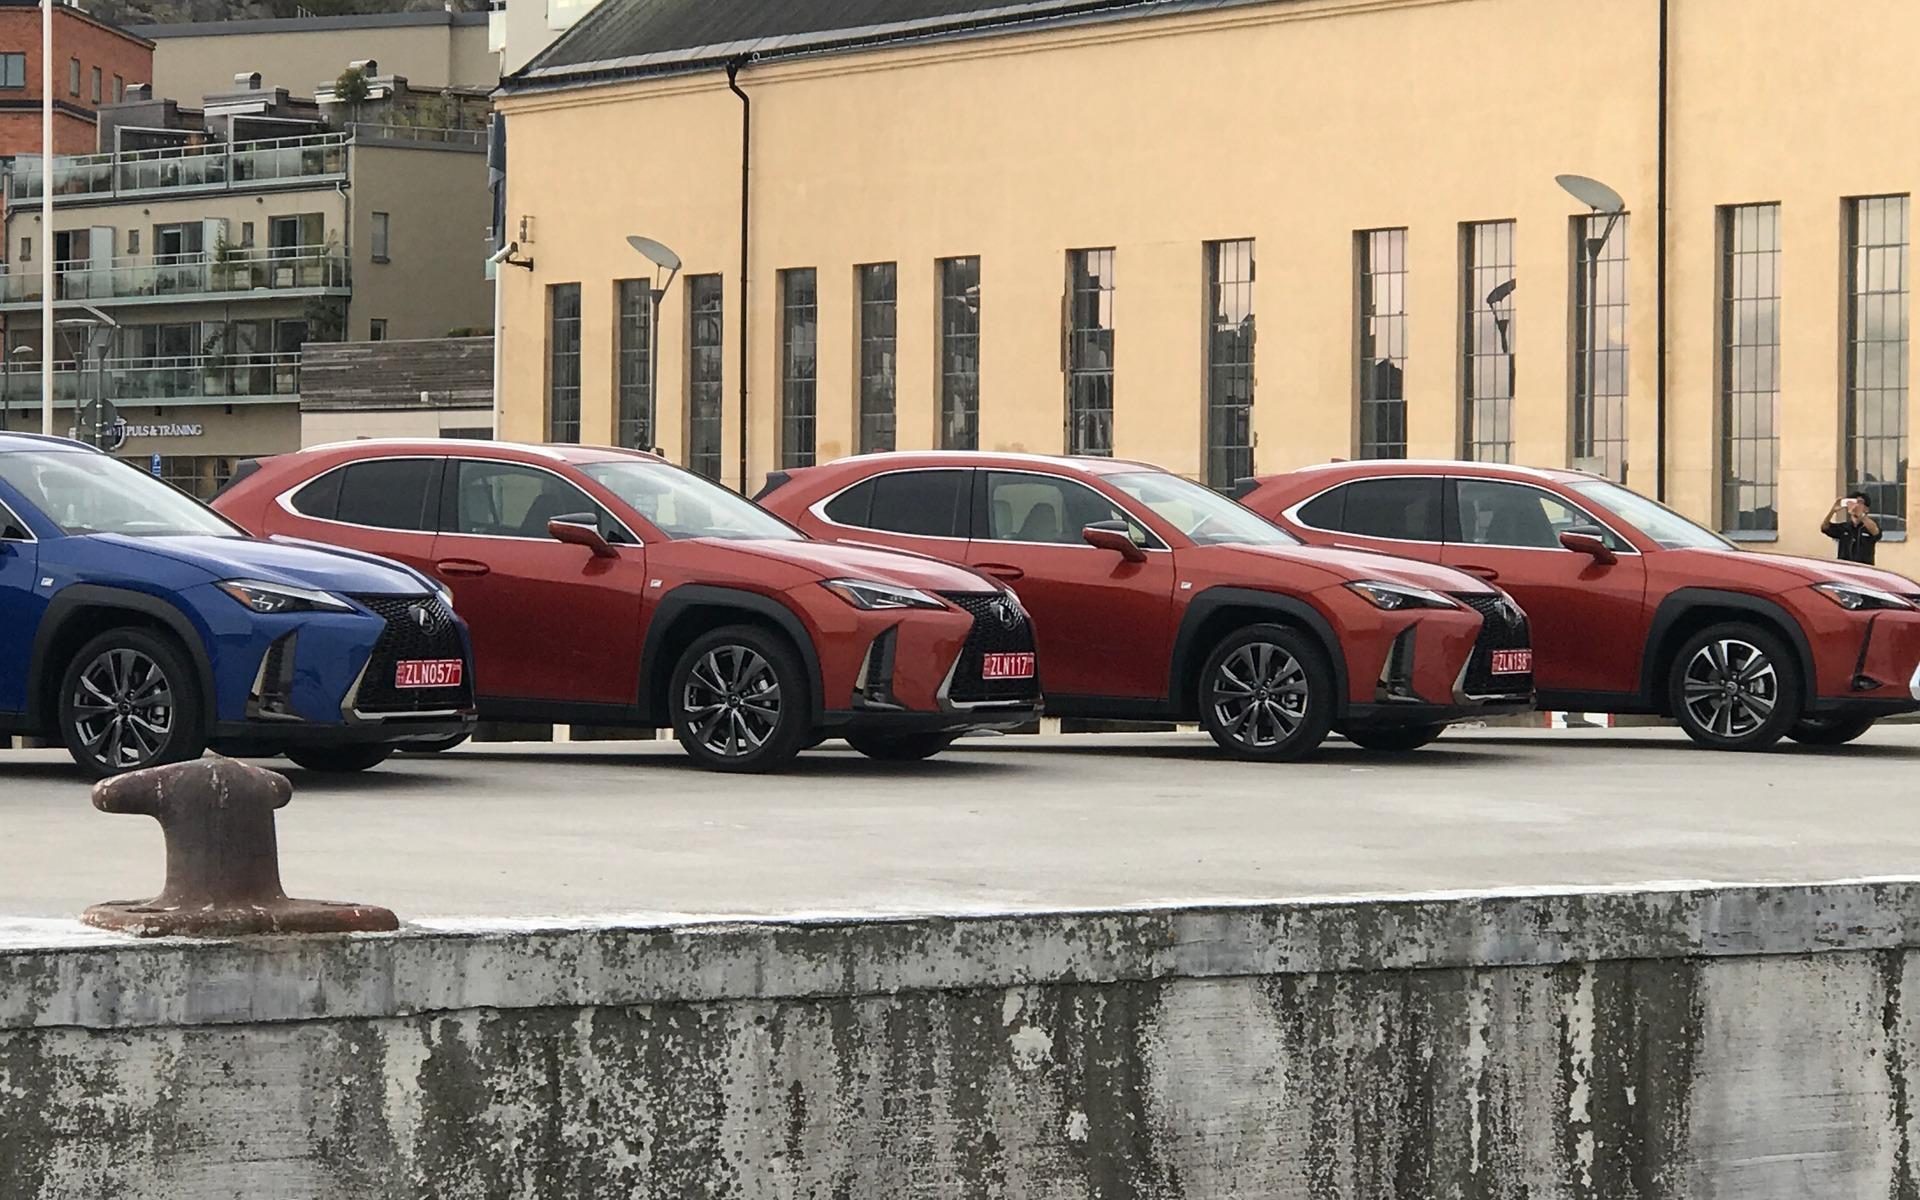 Lexus UX 2019 : tout ce qu'il faut savoir si ce modèle vous intéresse 346999_2019_Lexus_UX